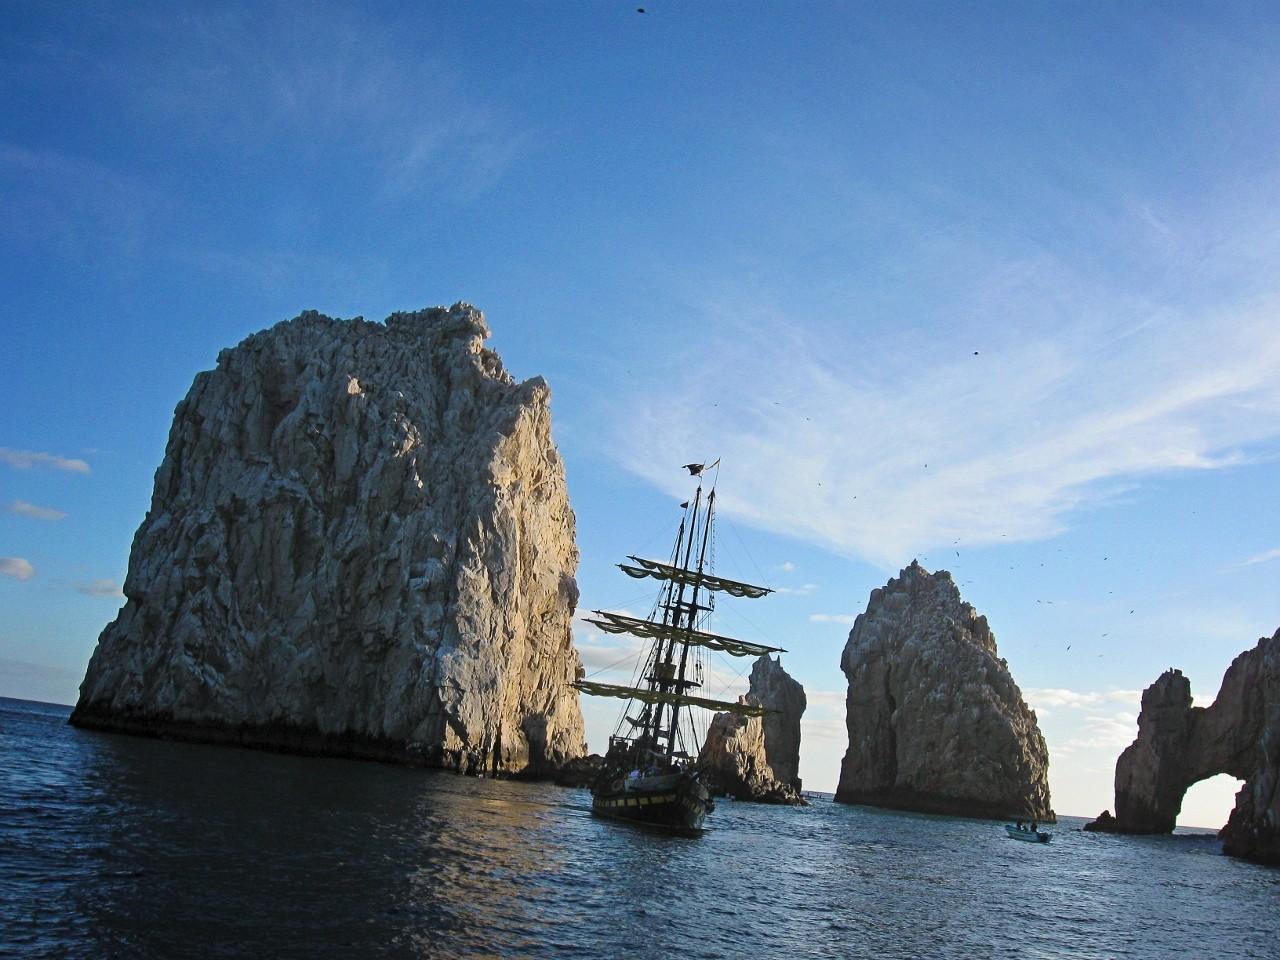 Cabo San Lucas, Baja California Sur, Mexico, Pirate ship, sailing, Buccaneer Queen in Cabo